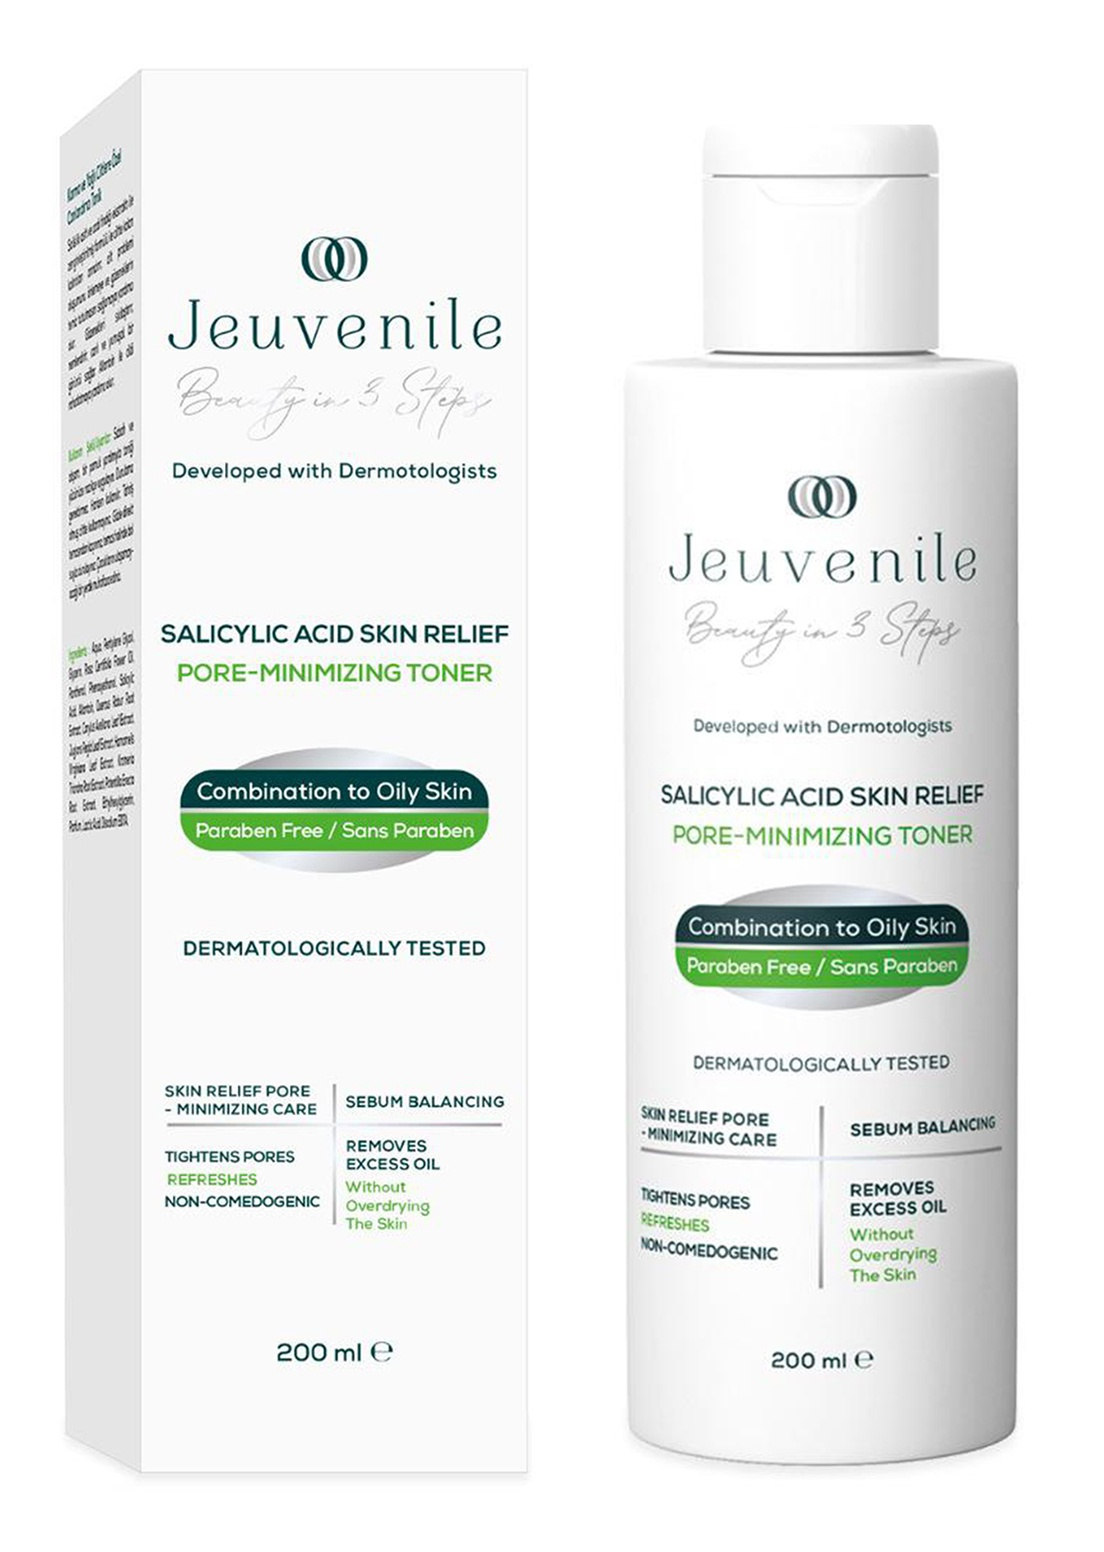 Jeuvenile Salicylic Acid Skin Relief Pore Minimizing Toner